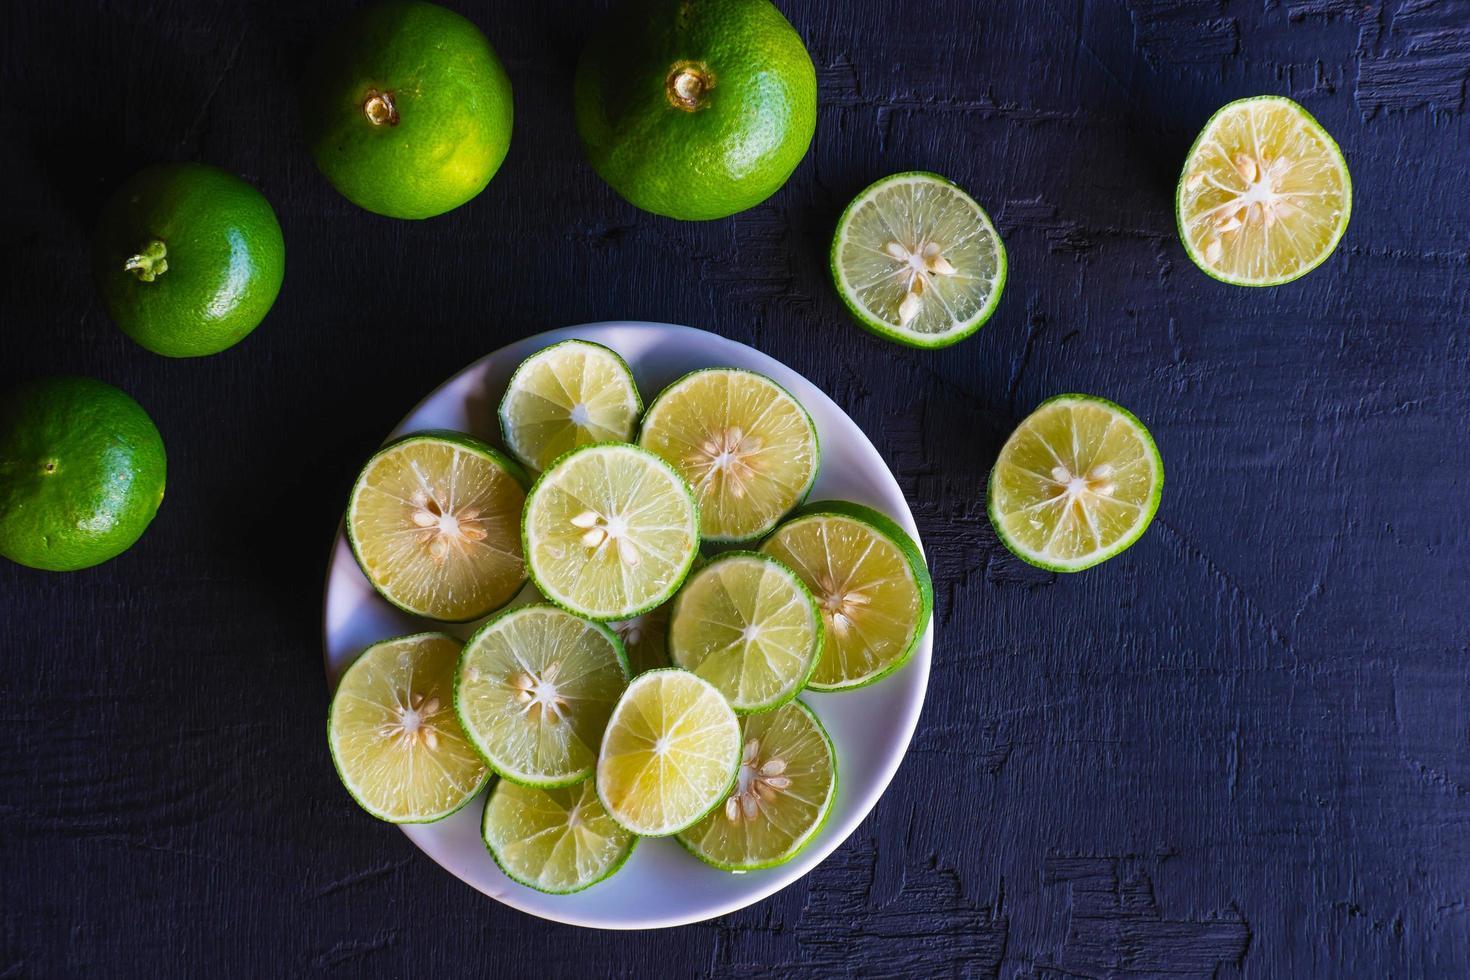 diapositives de citron frais sur une assiette photo